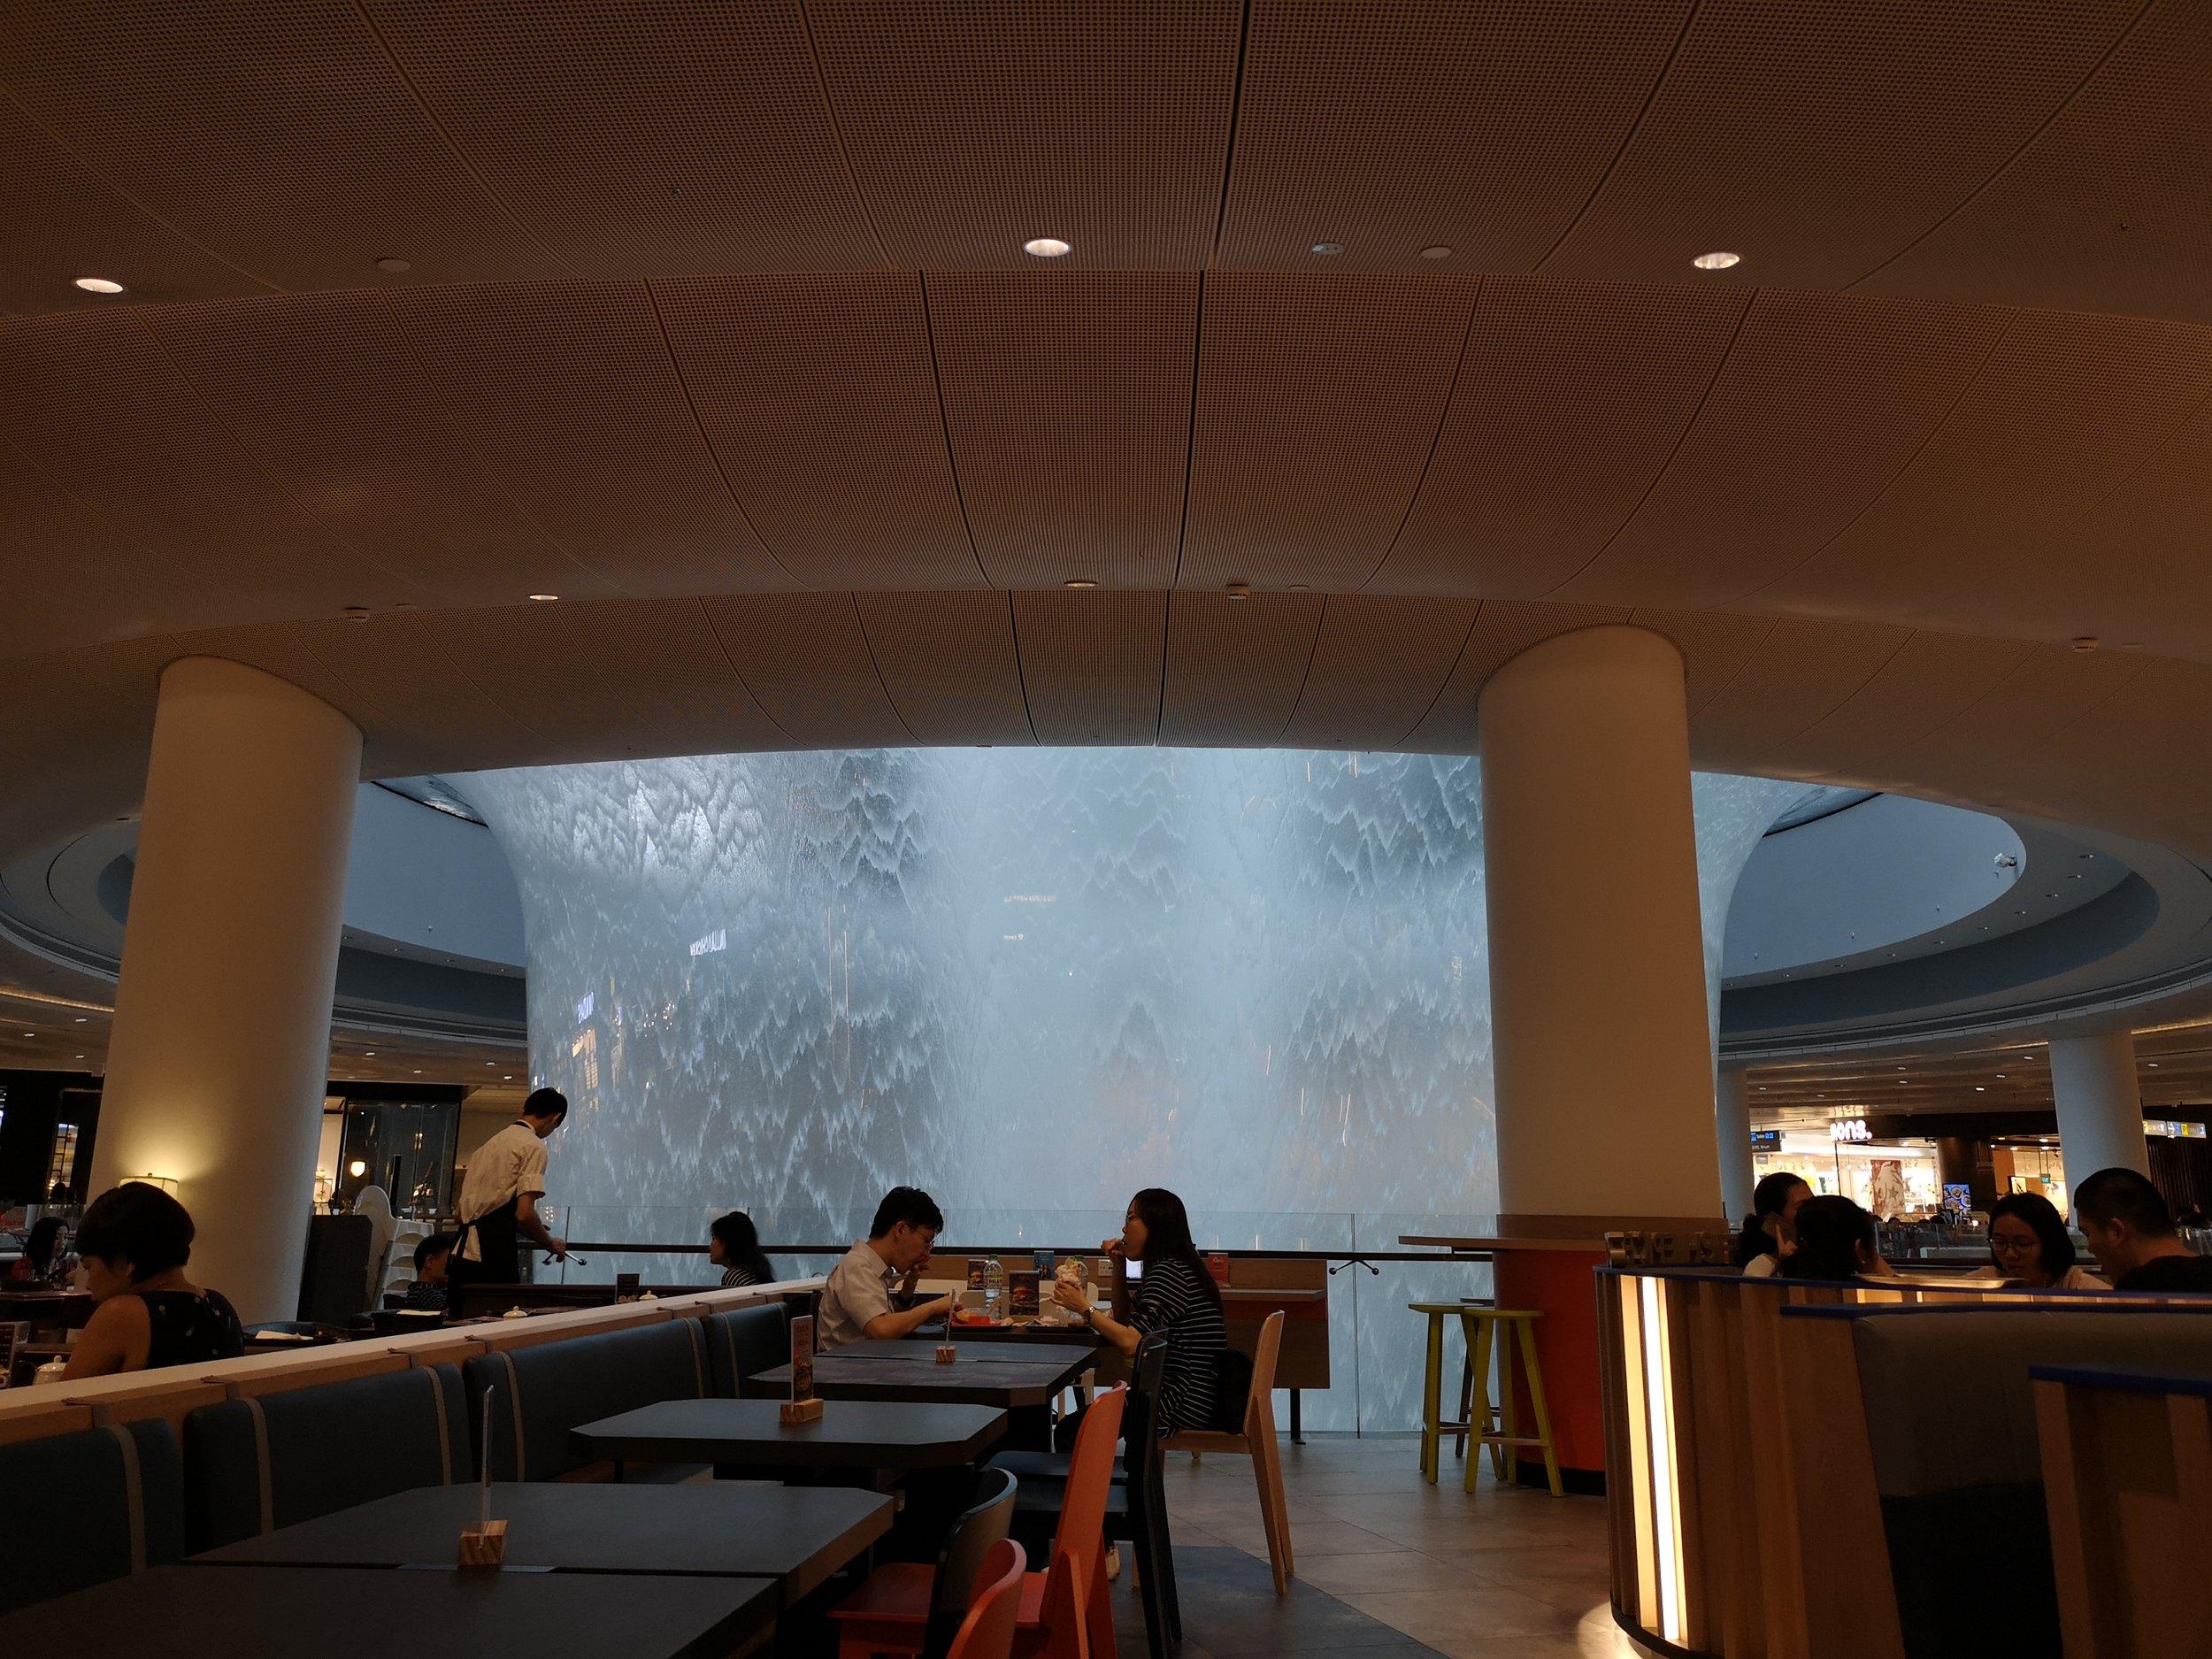 HSBC Waterfall Foodcourt